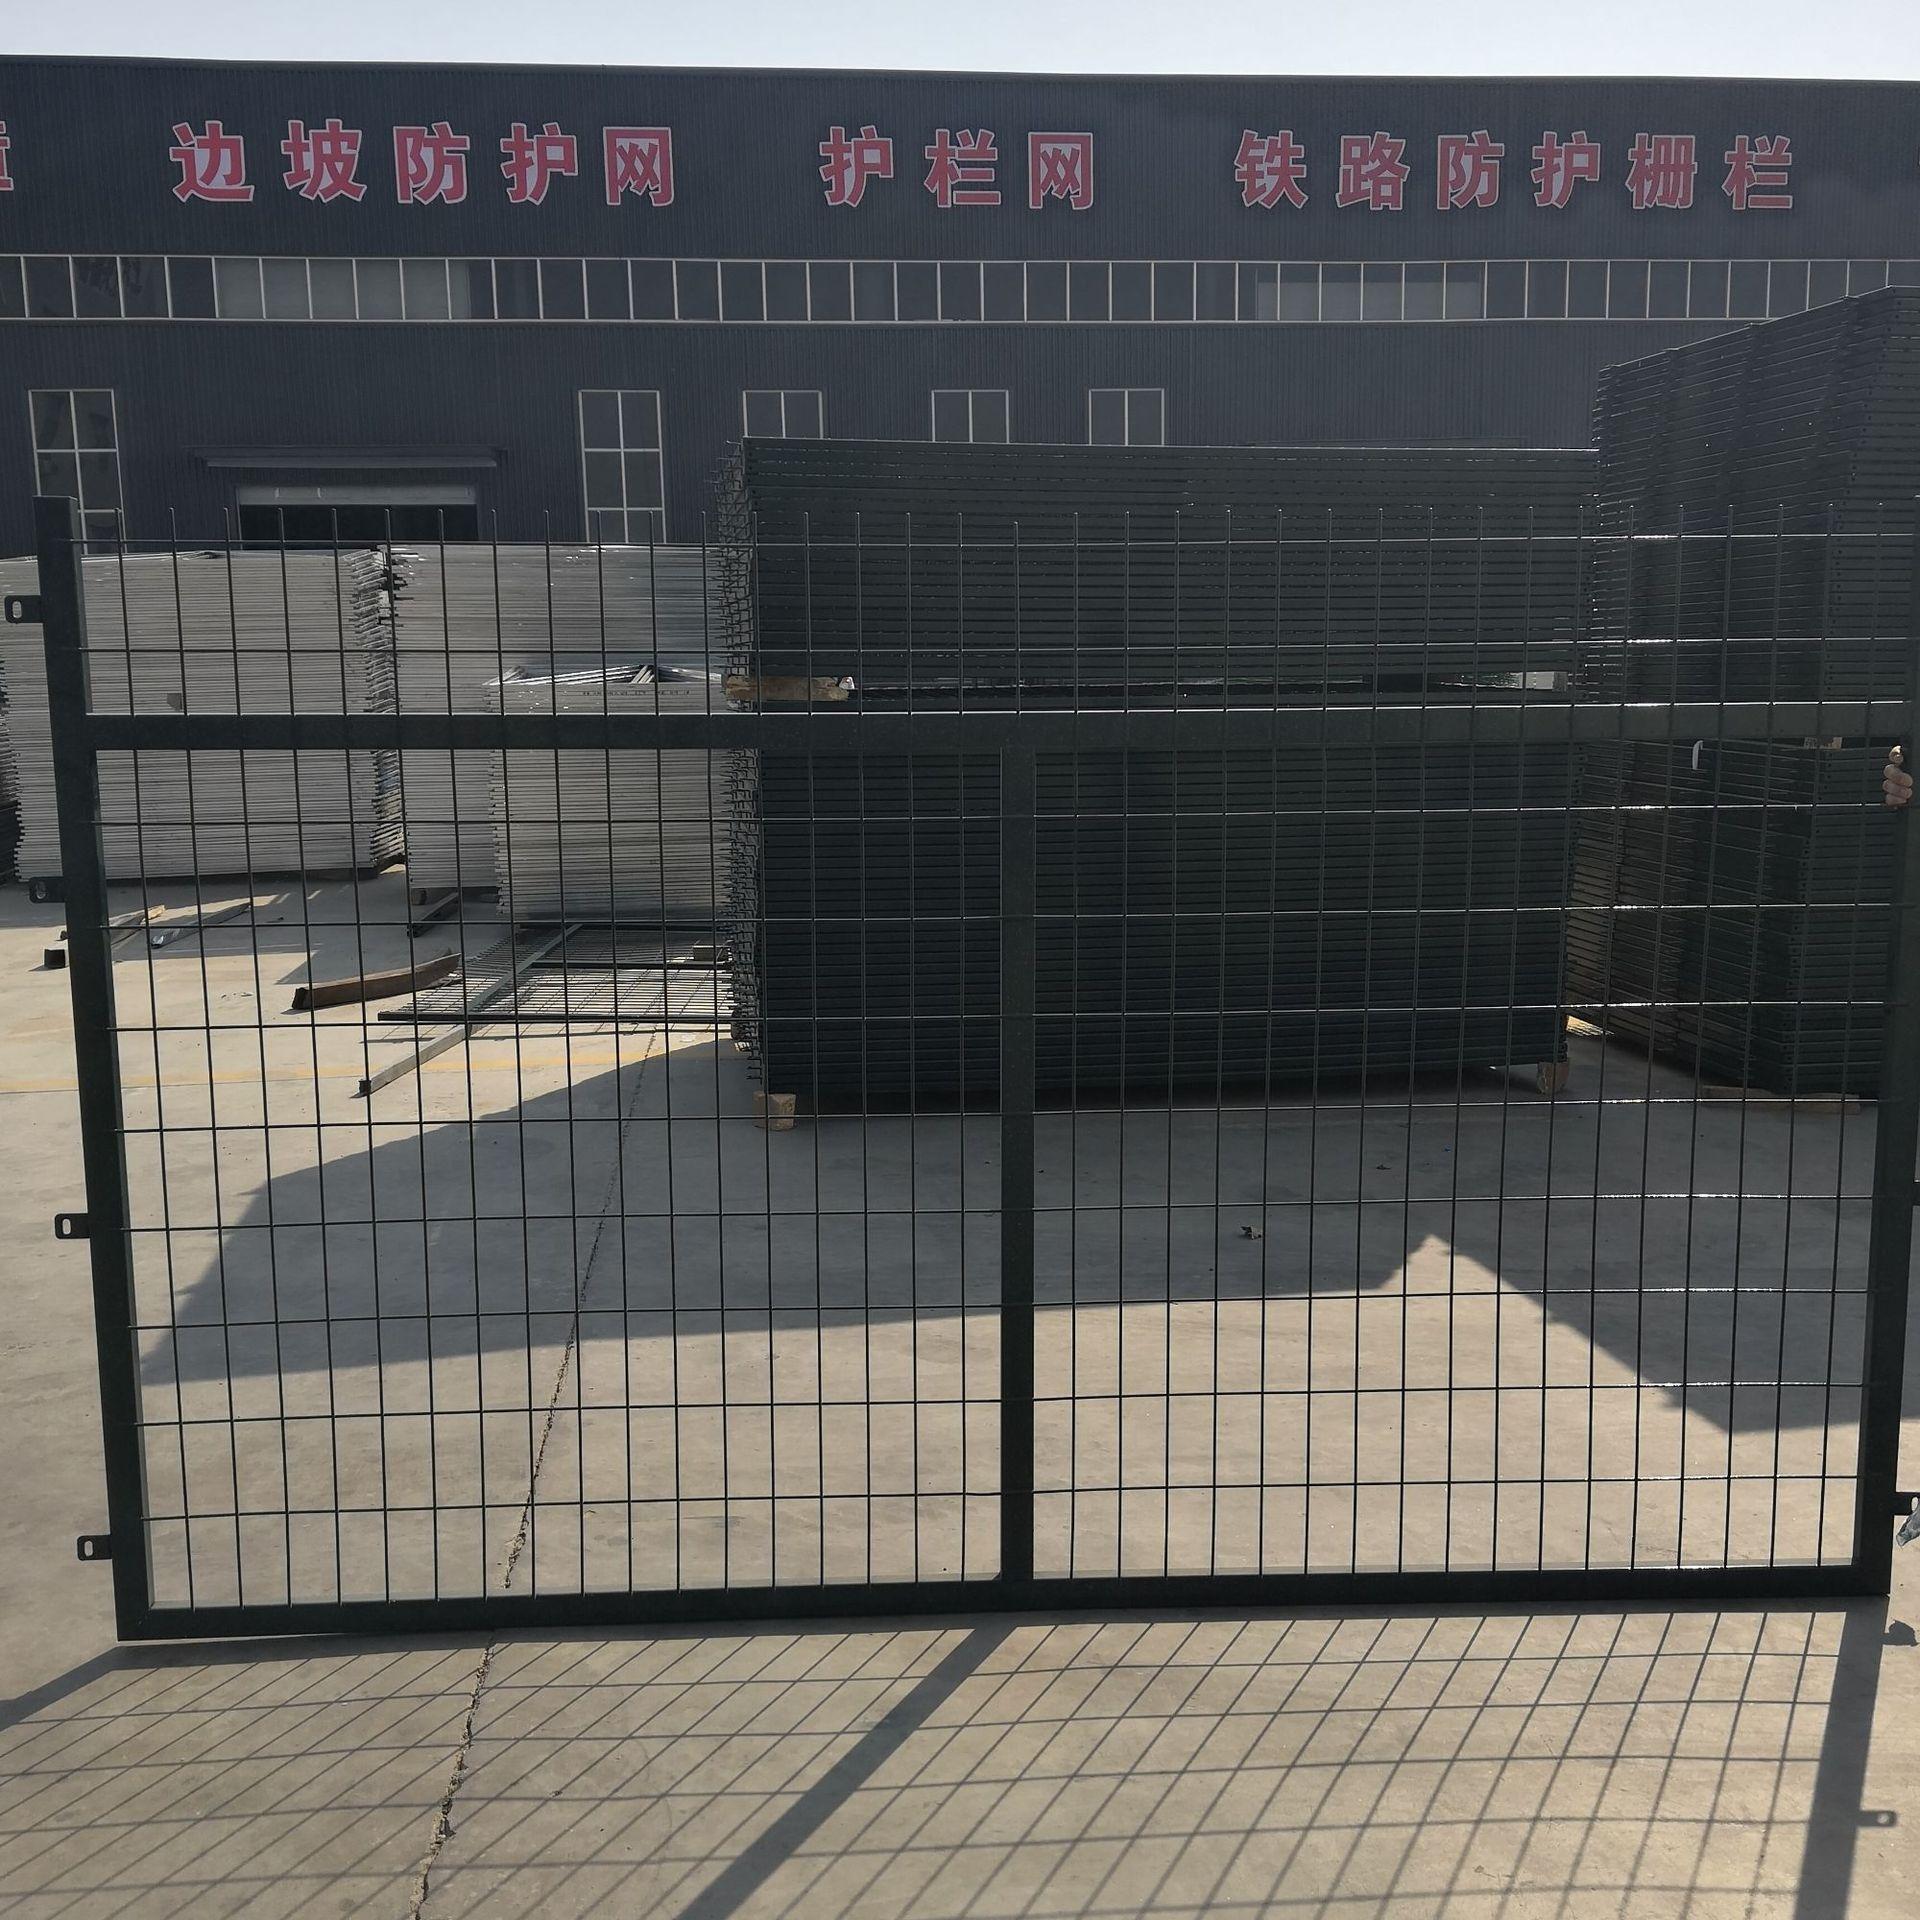 高铁防护栅栏 铁路防护栅栏报价 铁路防护栅栏8001